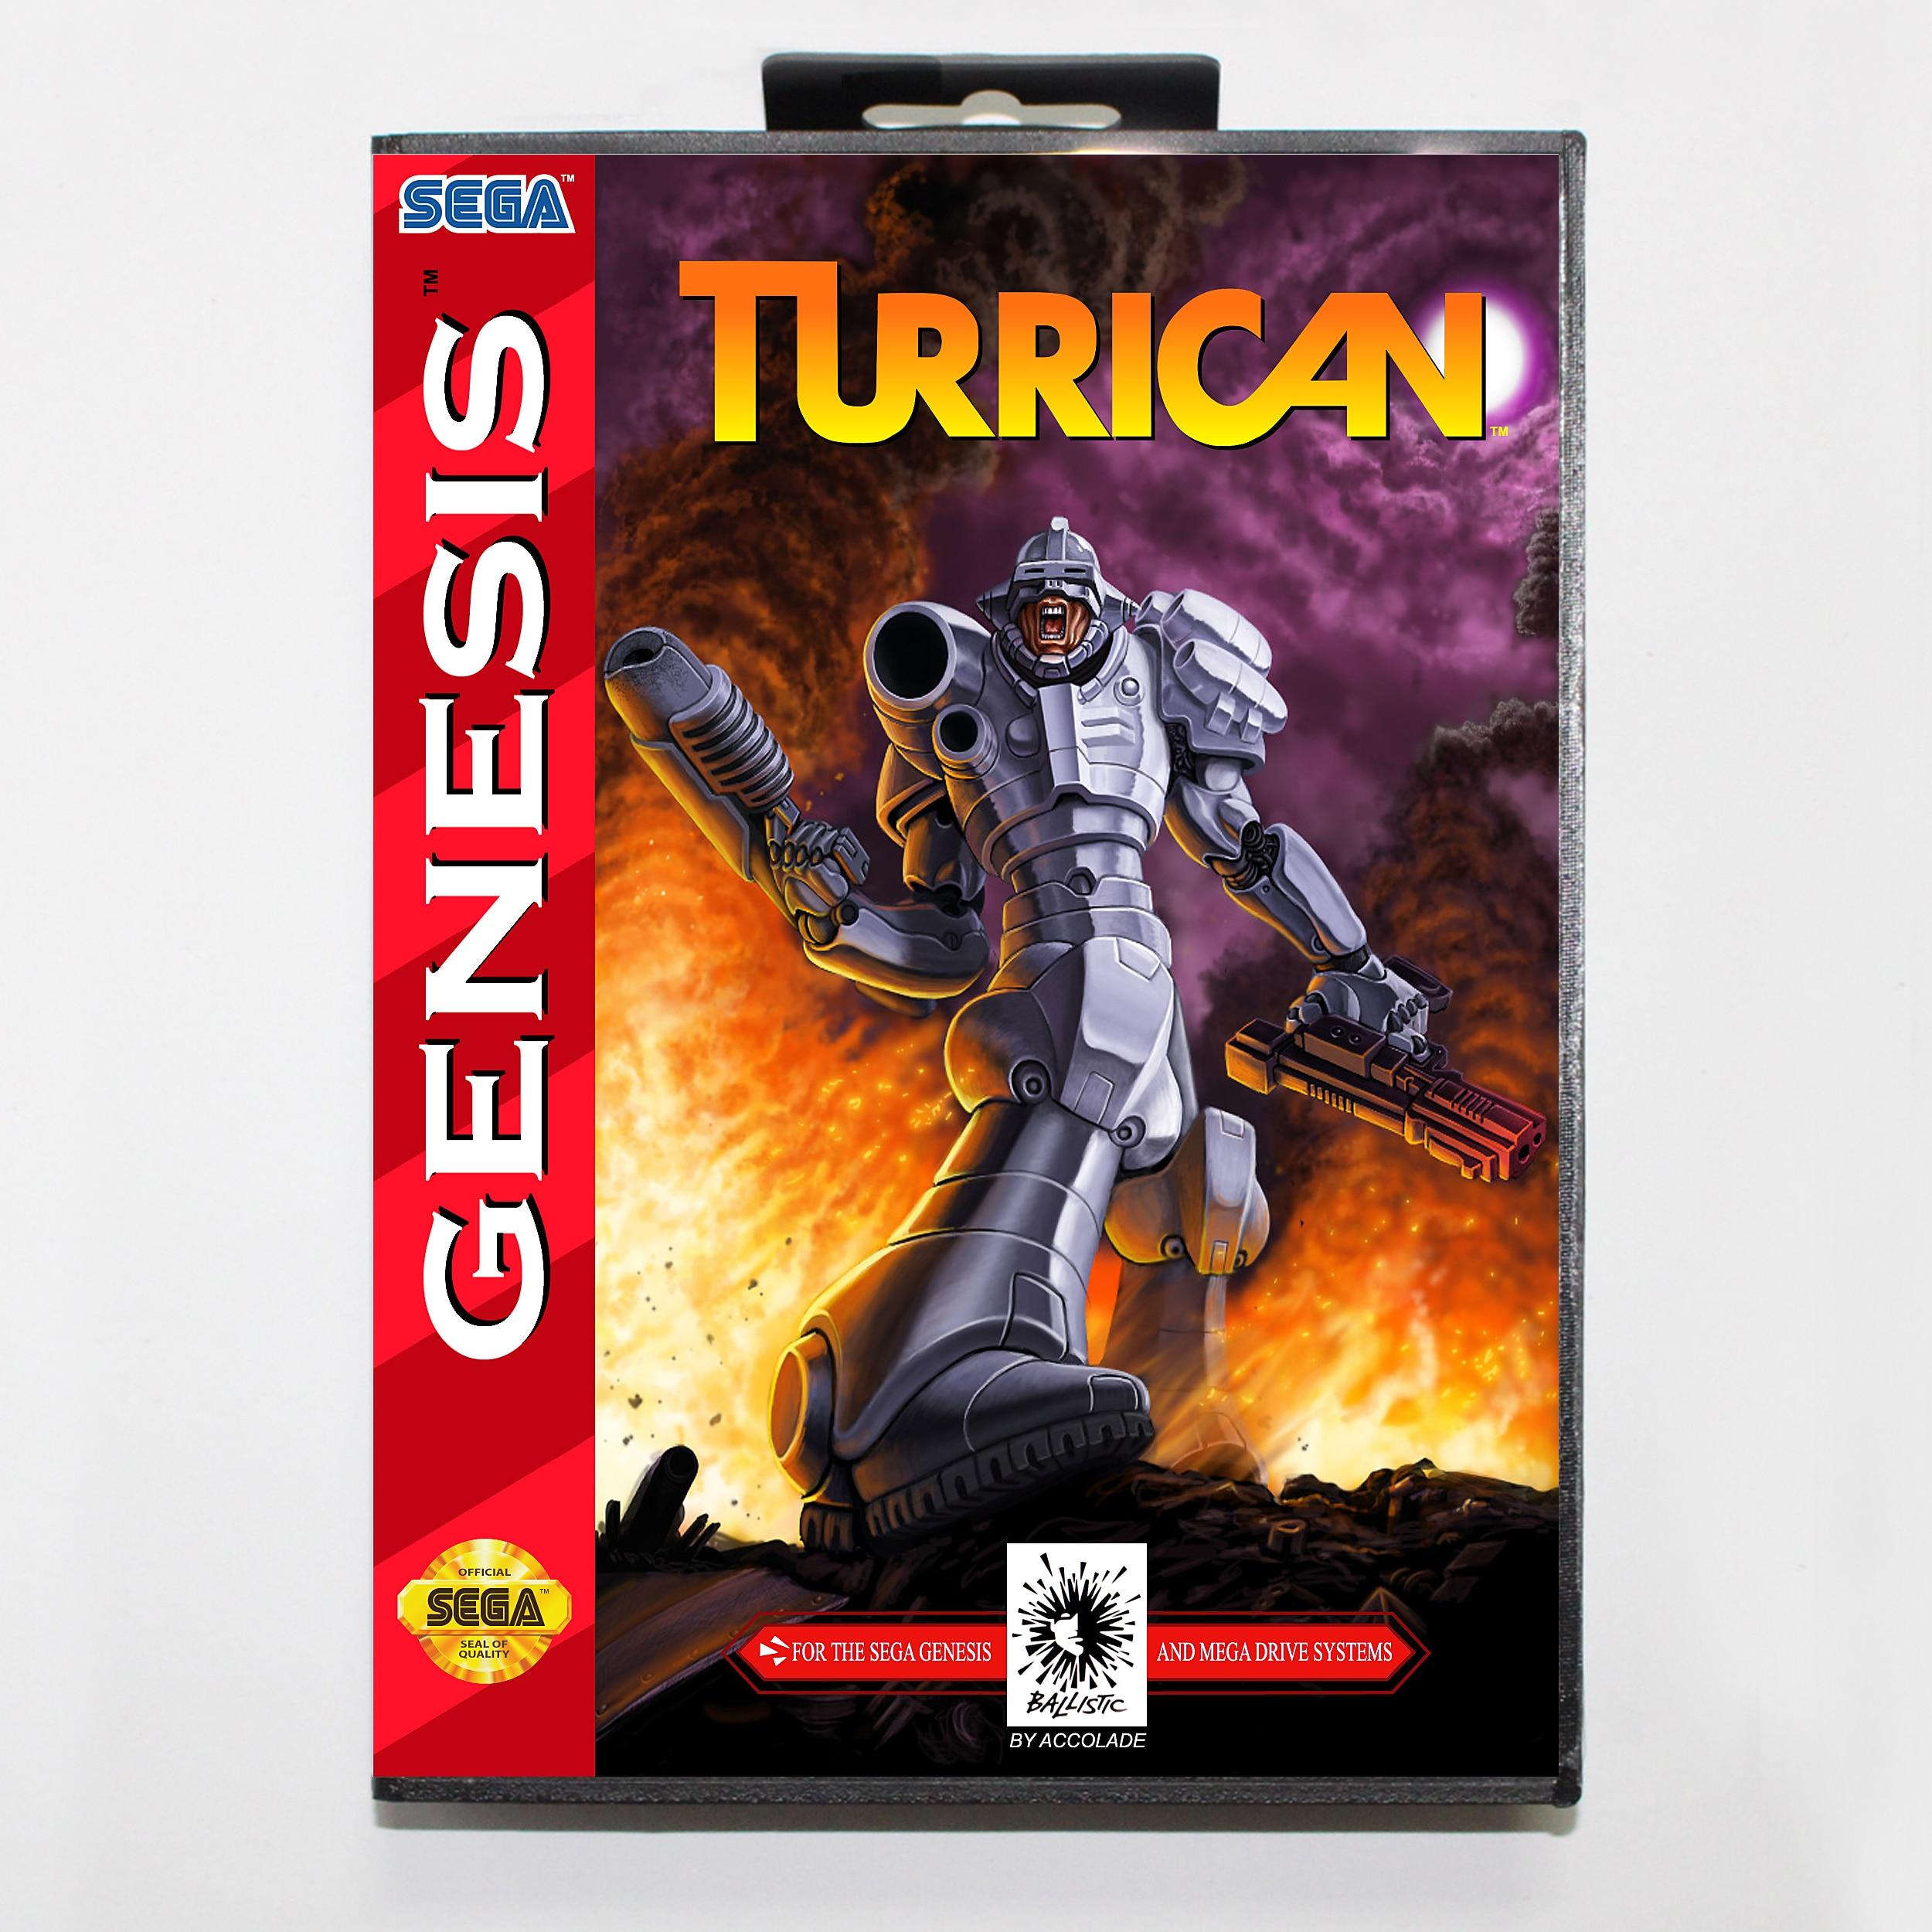 Turrican-tarjeta de juego MD de 16 bits para Sega Mega Drive/ Genesis,...